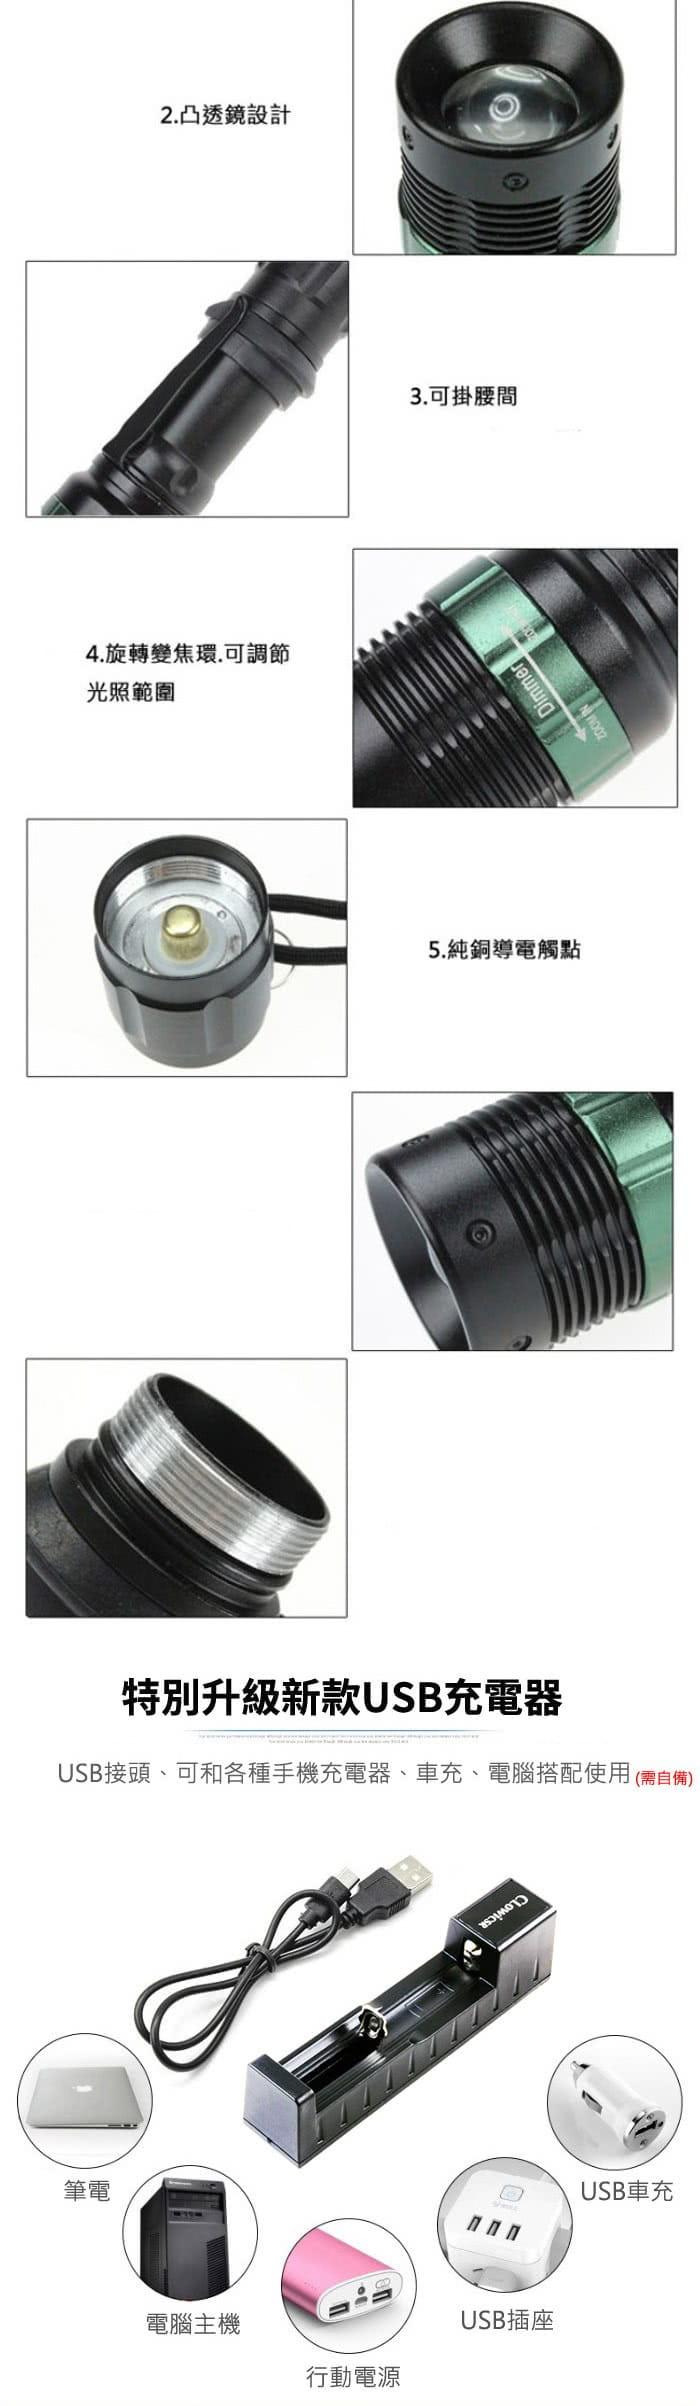 旋轉變焦強光手電筒 Q5 LED 6件組 戰術手電筒自行車燈 3